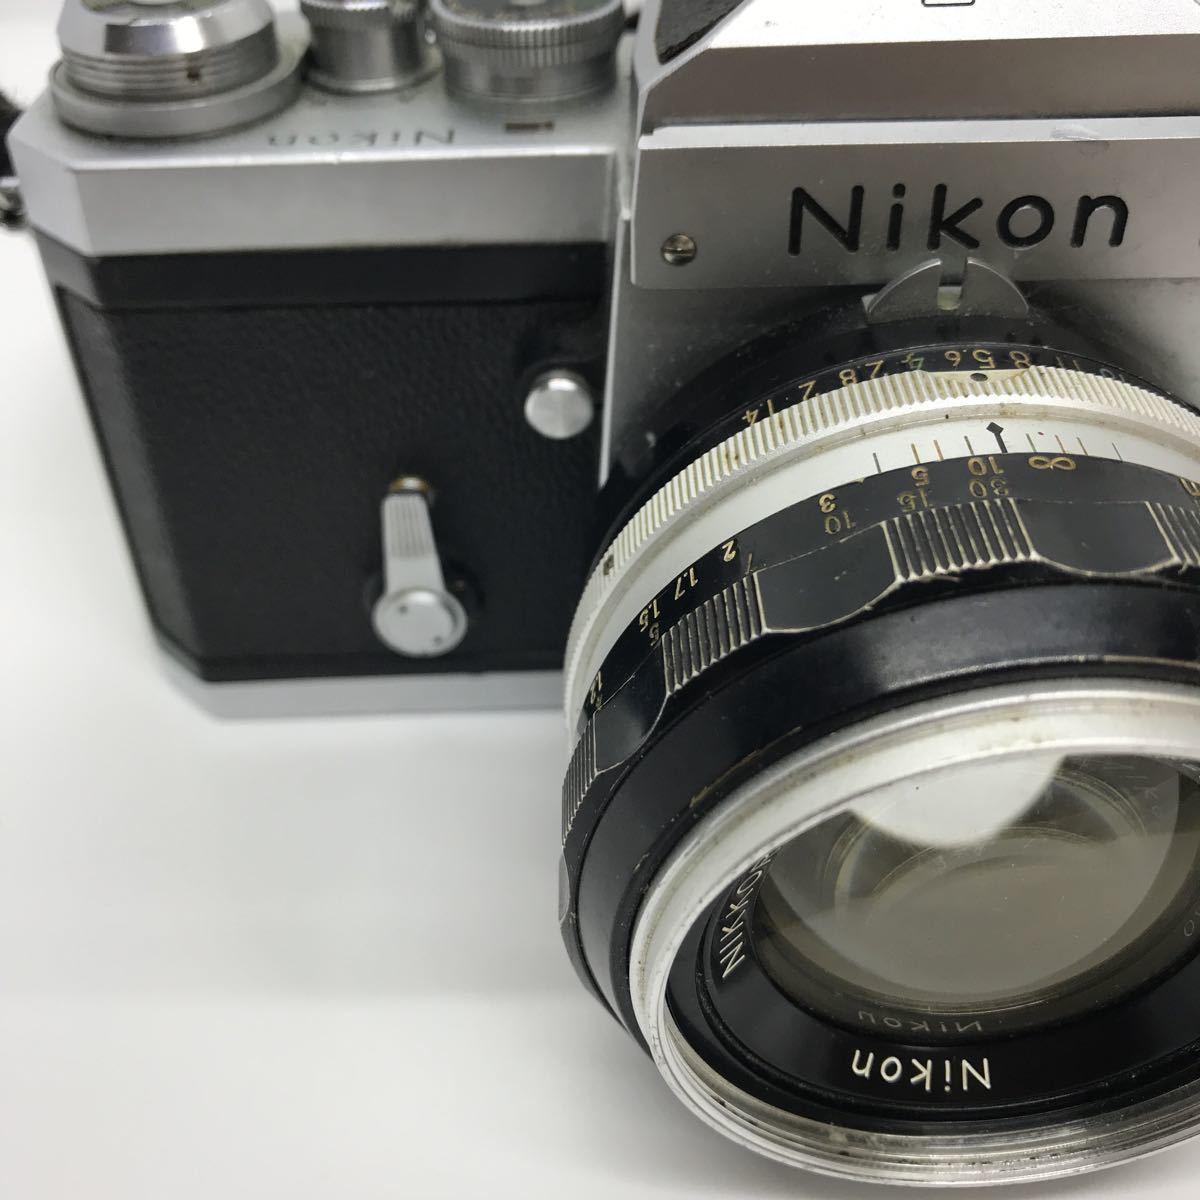 NIKON ニコン F 初期 アイレベル NIKKOR-S 1:1.4 50mm 一眼レフカメラ_画像2